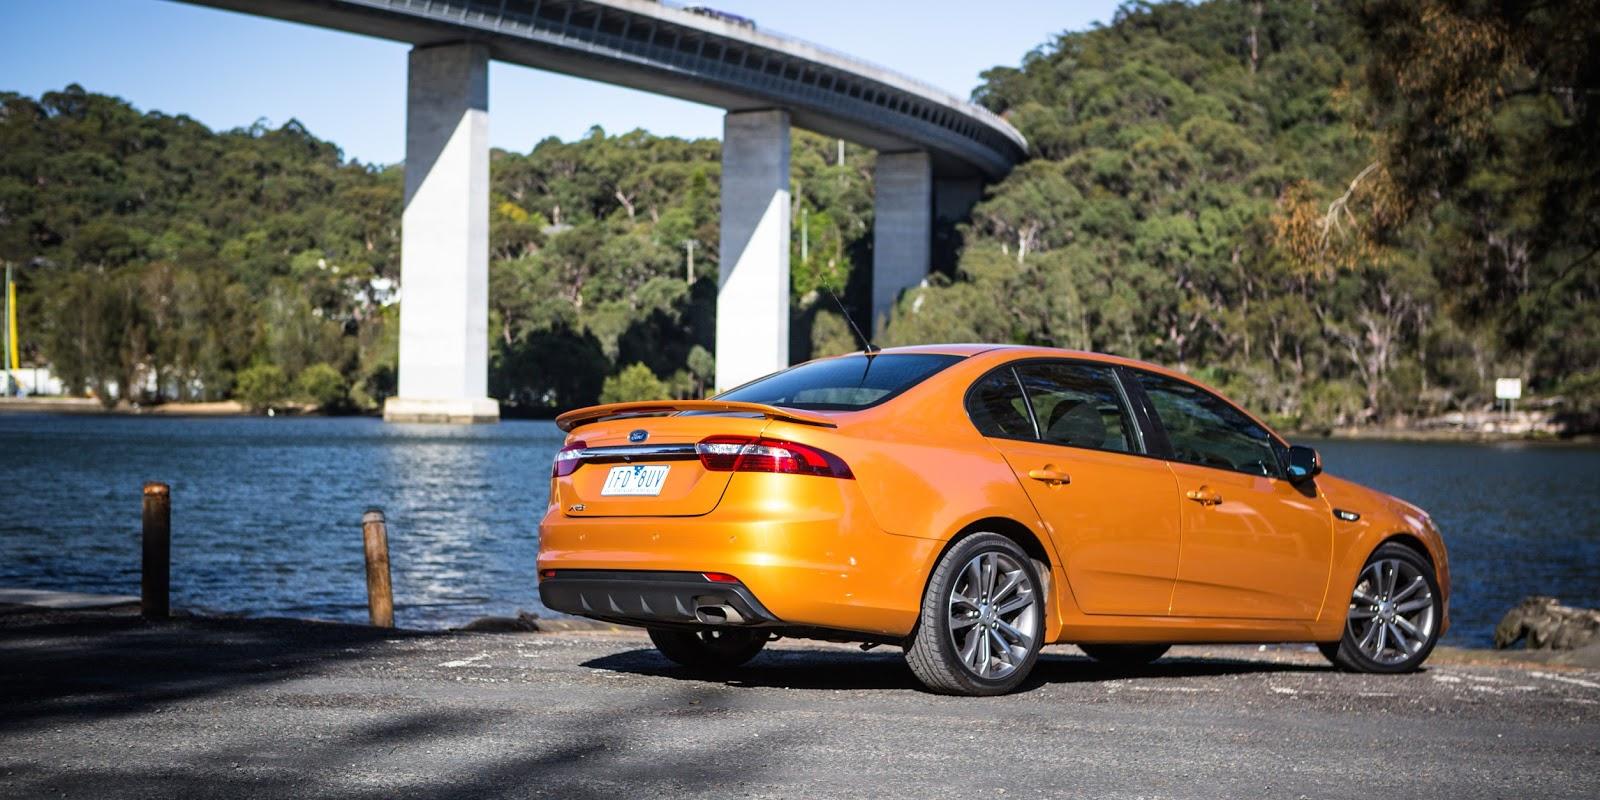 Ford Falcon là biểu tượng xe tại Úc, nhưng sẽ ra đi mãi mãi kể từ 10/2016